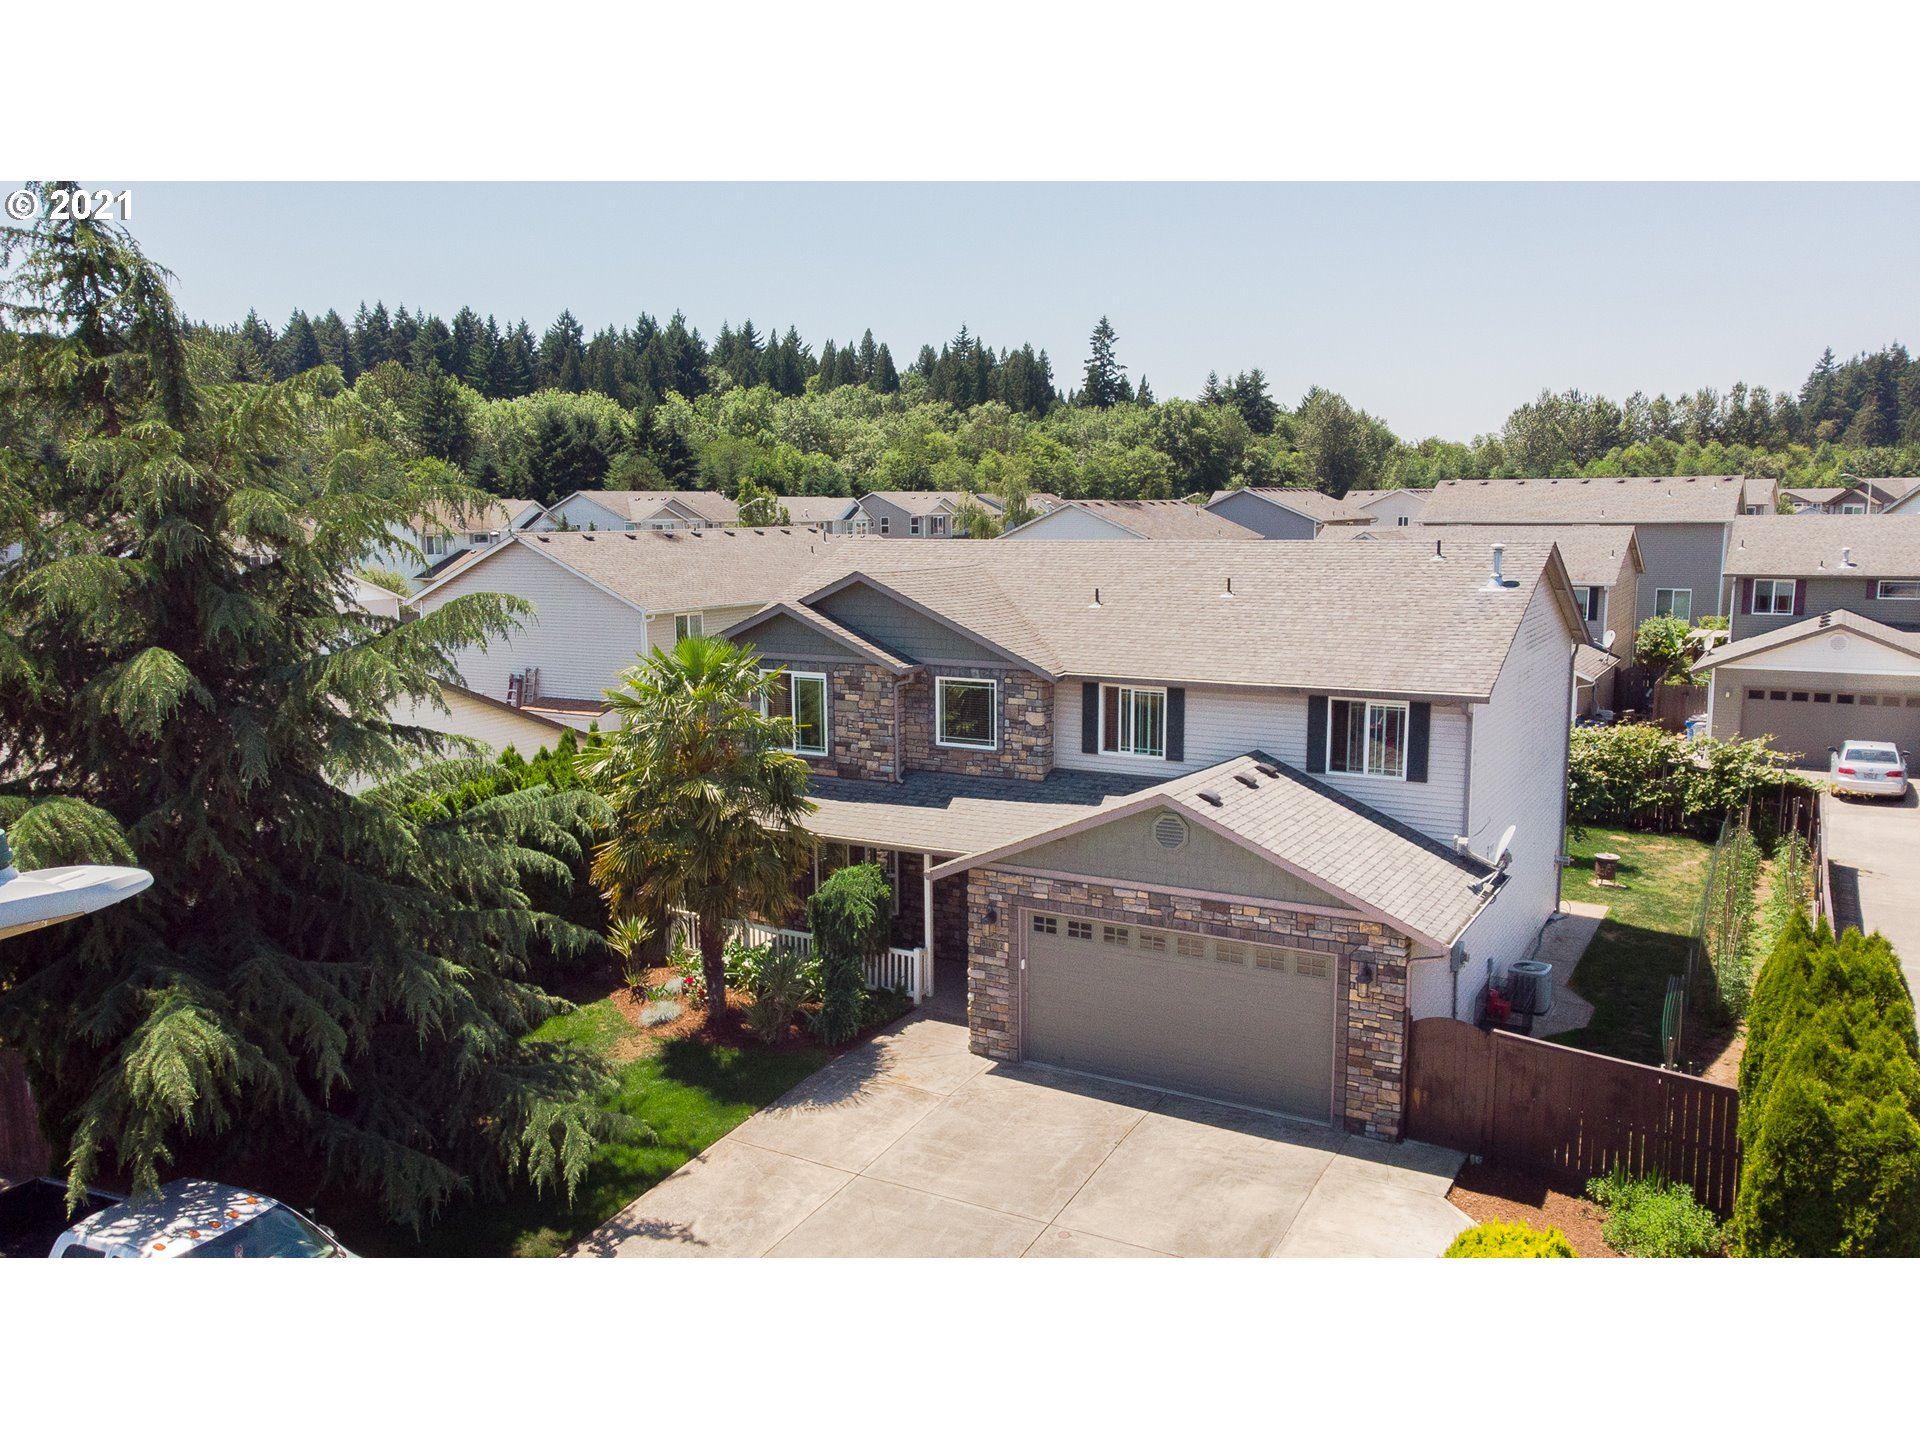 8402 NE 90TH PL, Vancouver, WA 98662 - MLS#: 21592695